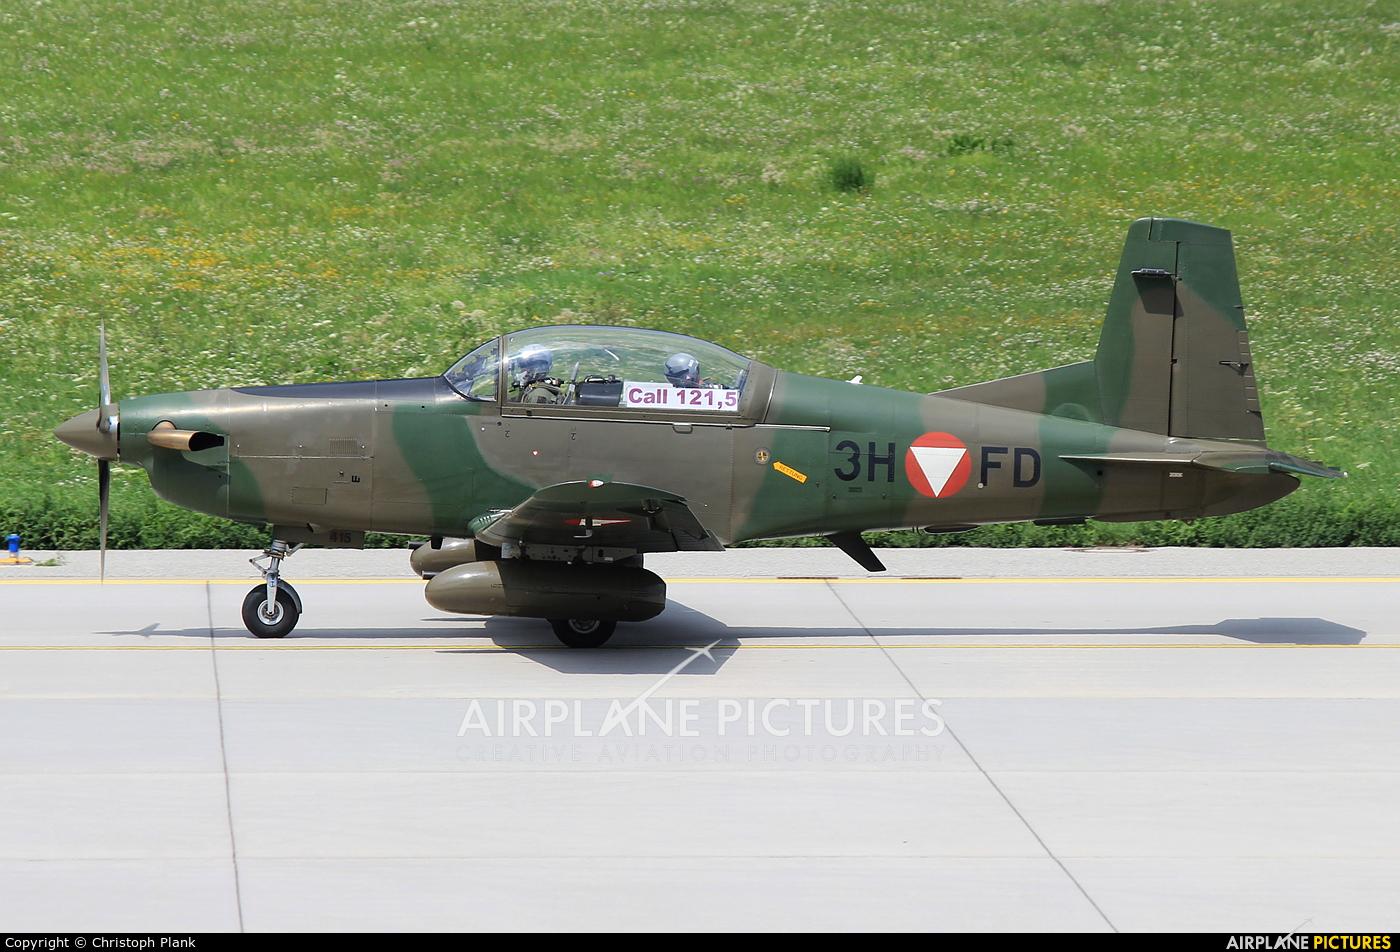 Austria - Air Force 3H-FD aircraft at Innsbruck